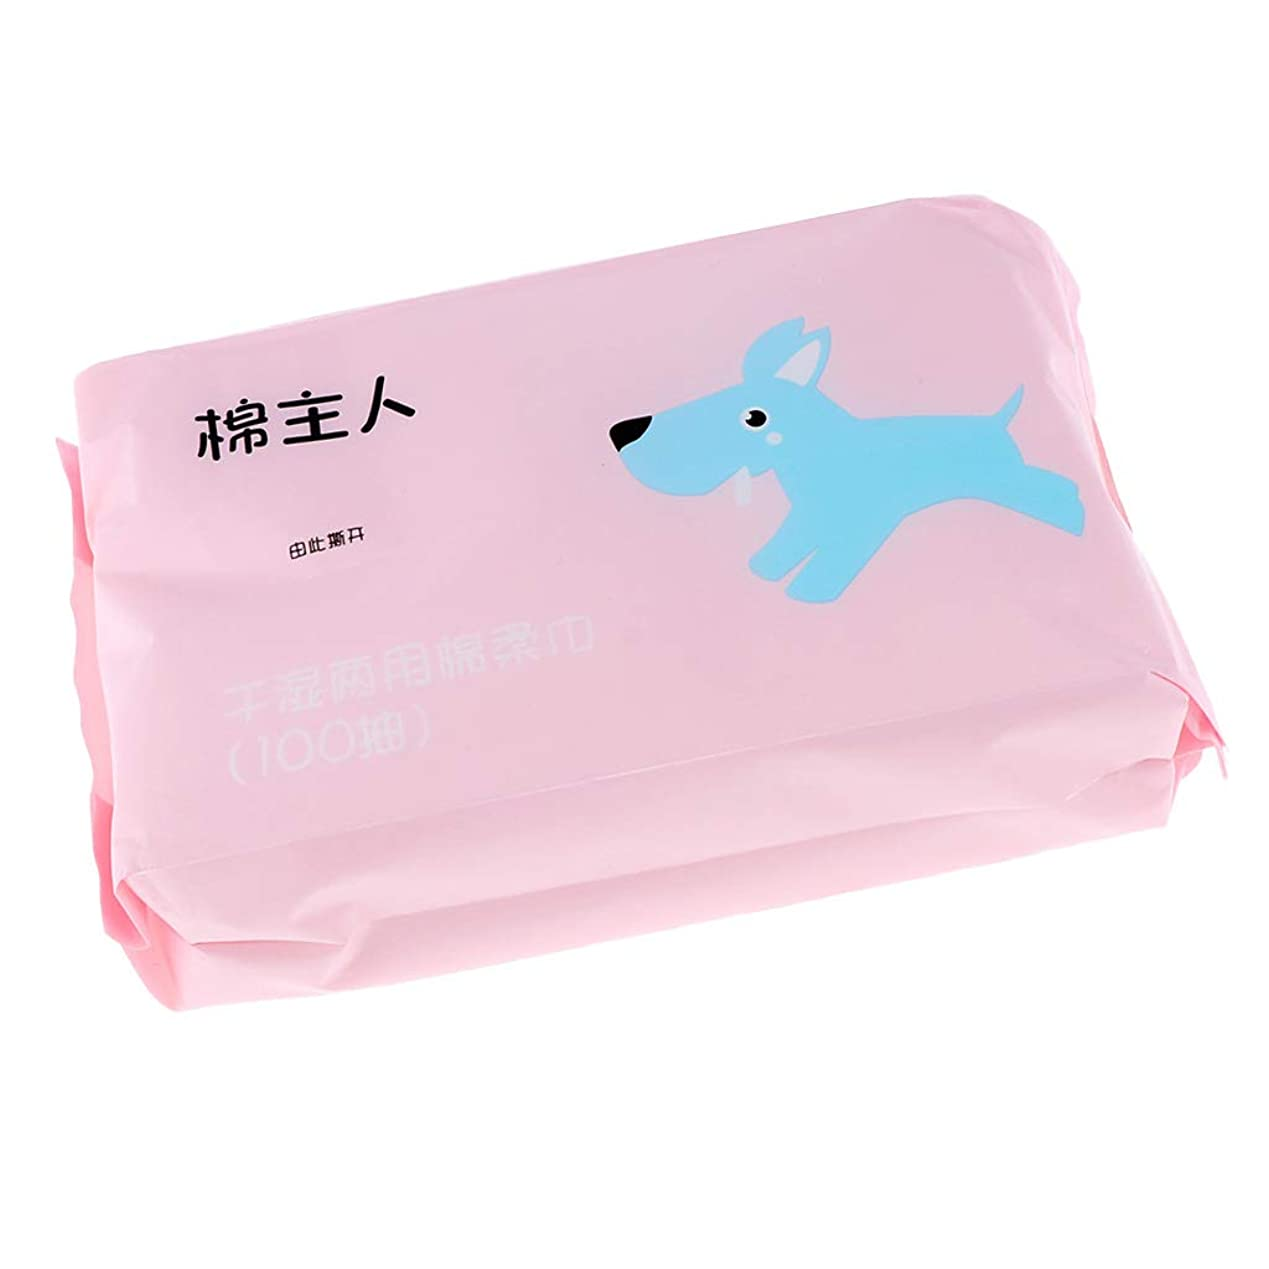 存在する比較的悔い改めるSharplace 約100枚 クレンジングシート メイク落とし 使い捨て 不織布 非刺激 清潔 衛生 全2色 - ピンク